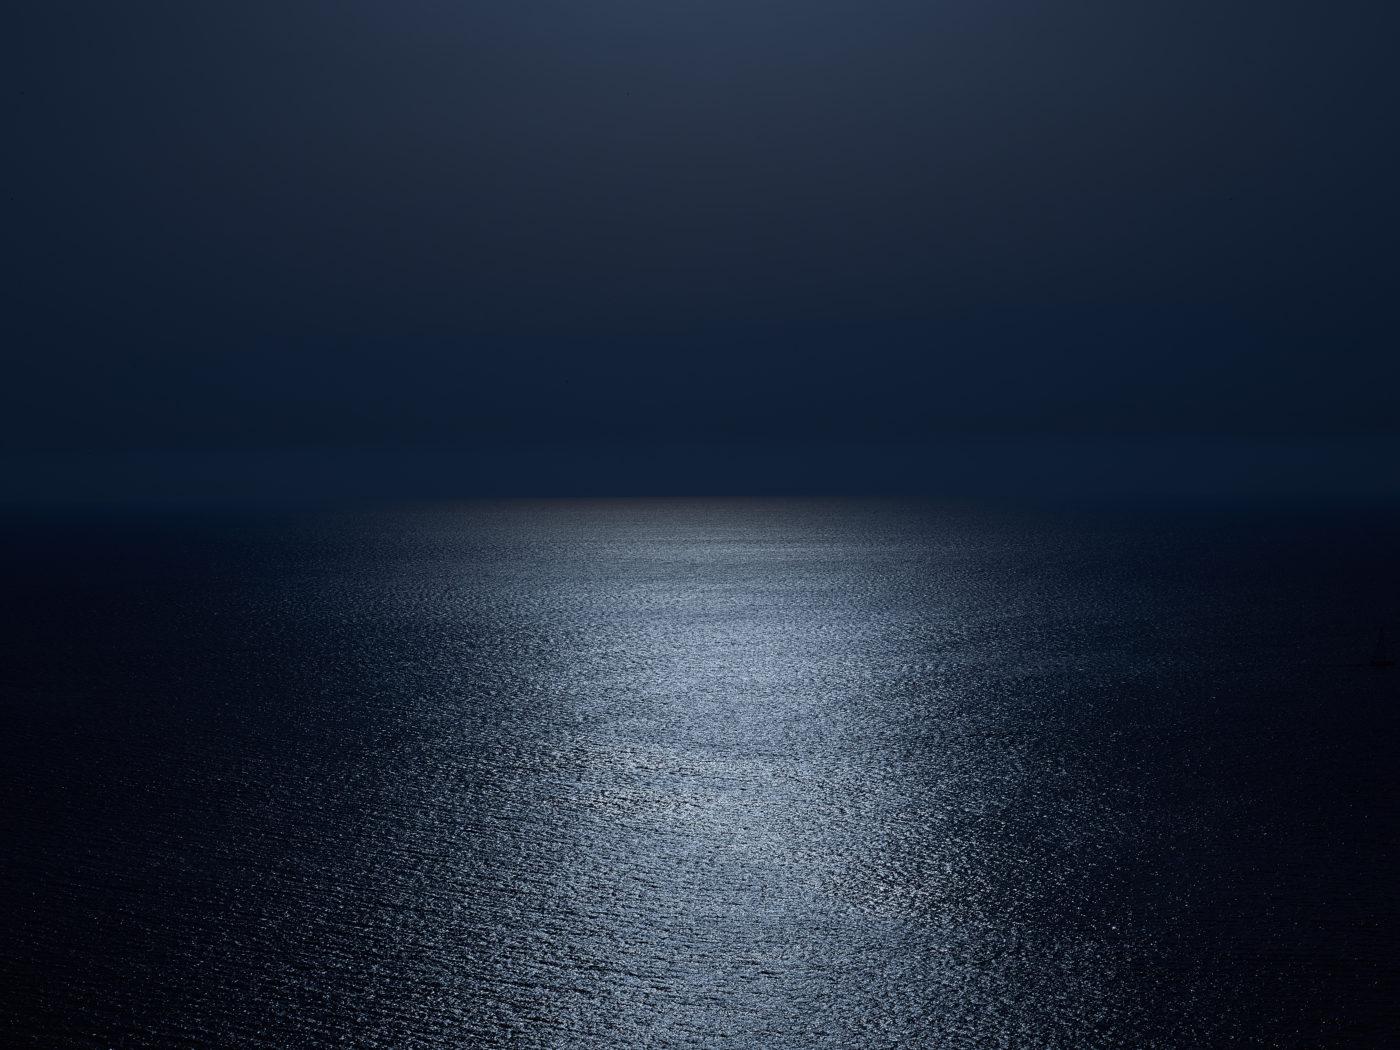 Alain Ricard Photography - Under The Moon #1